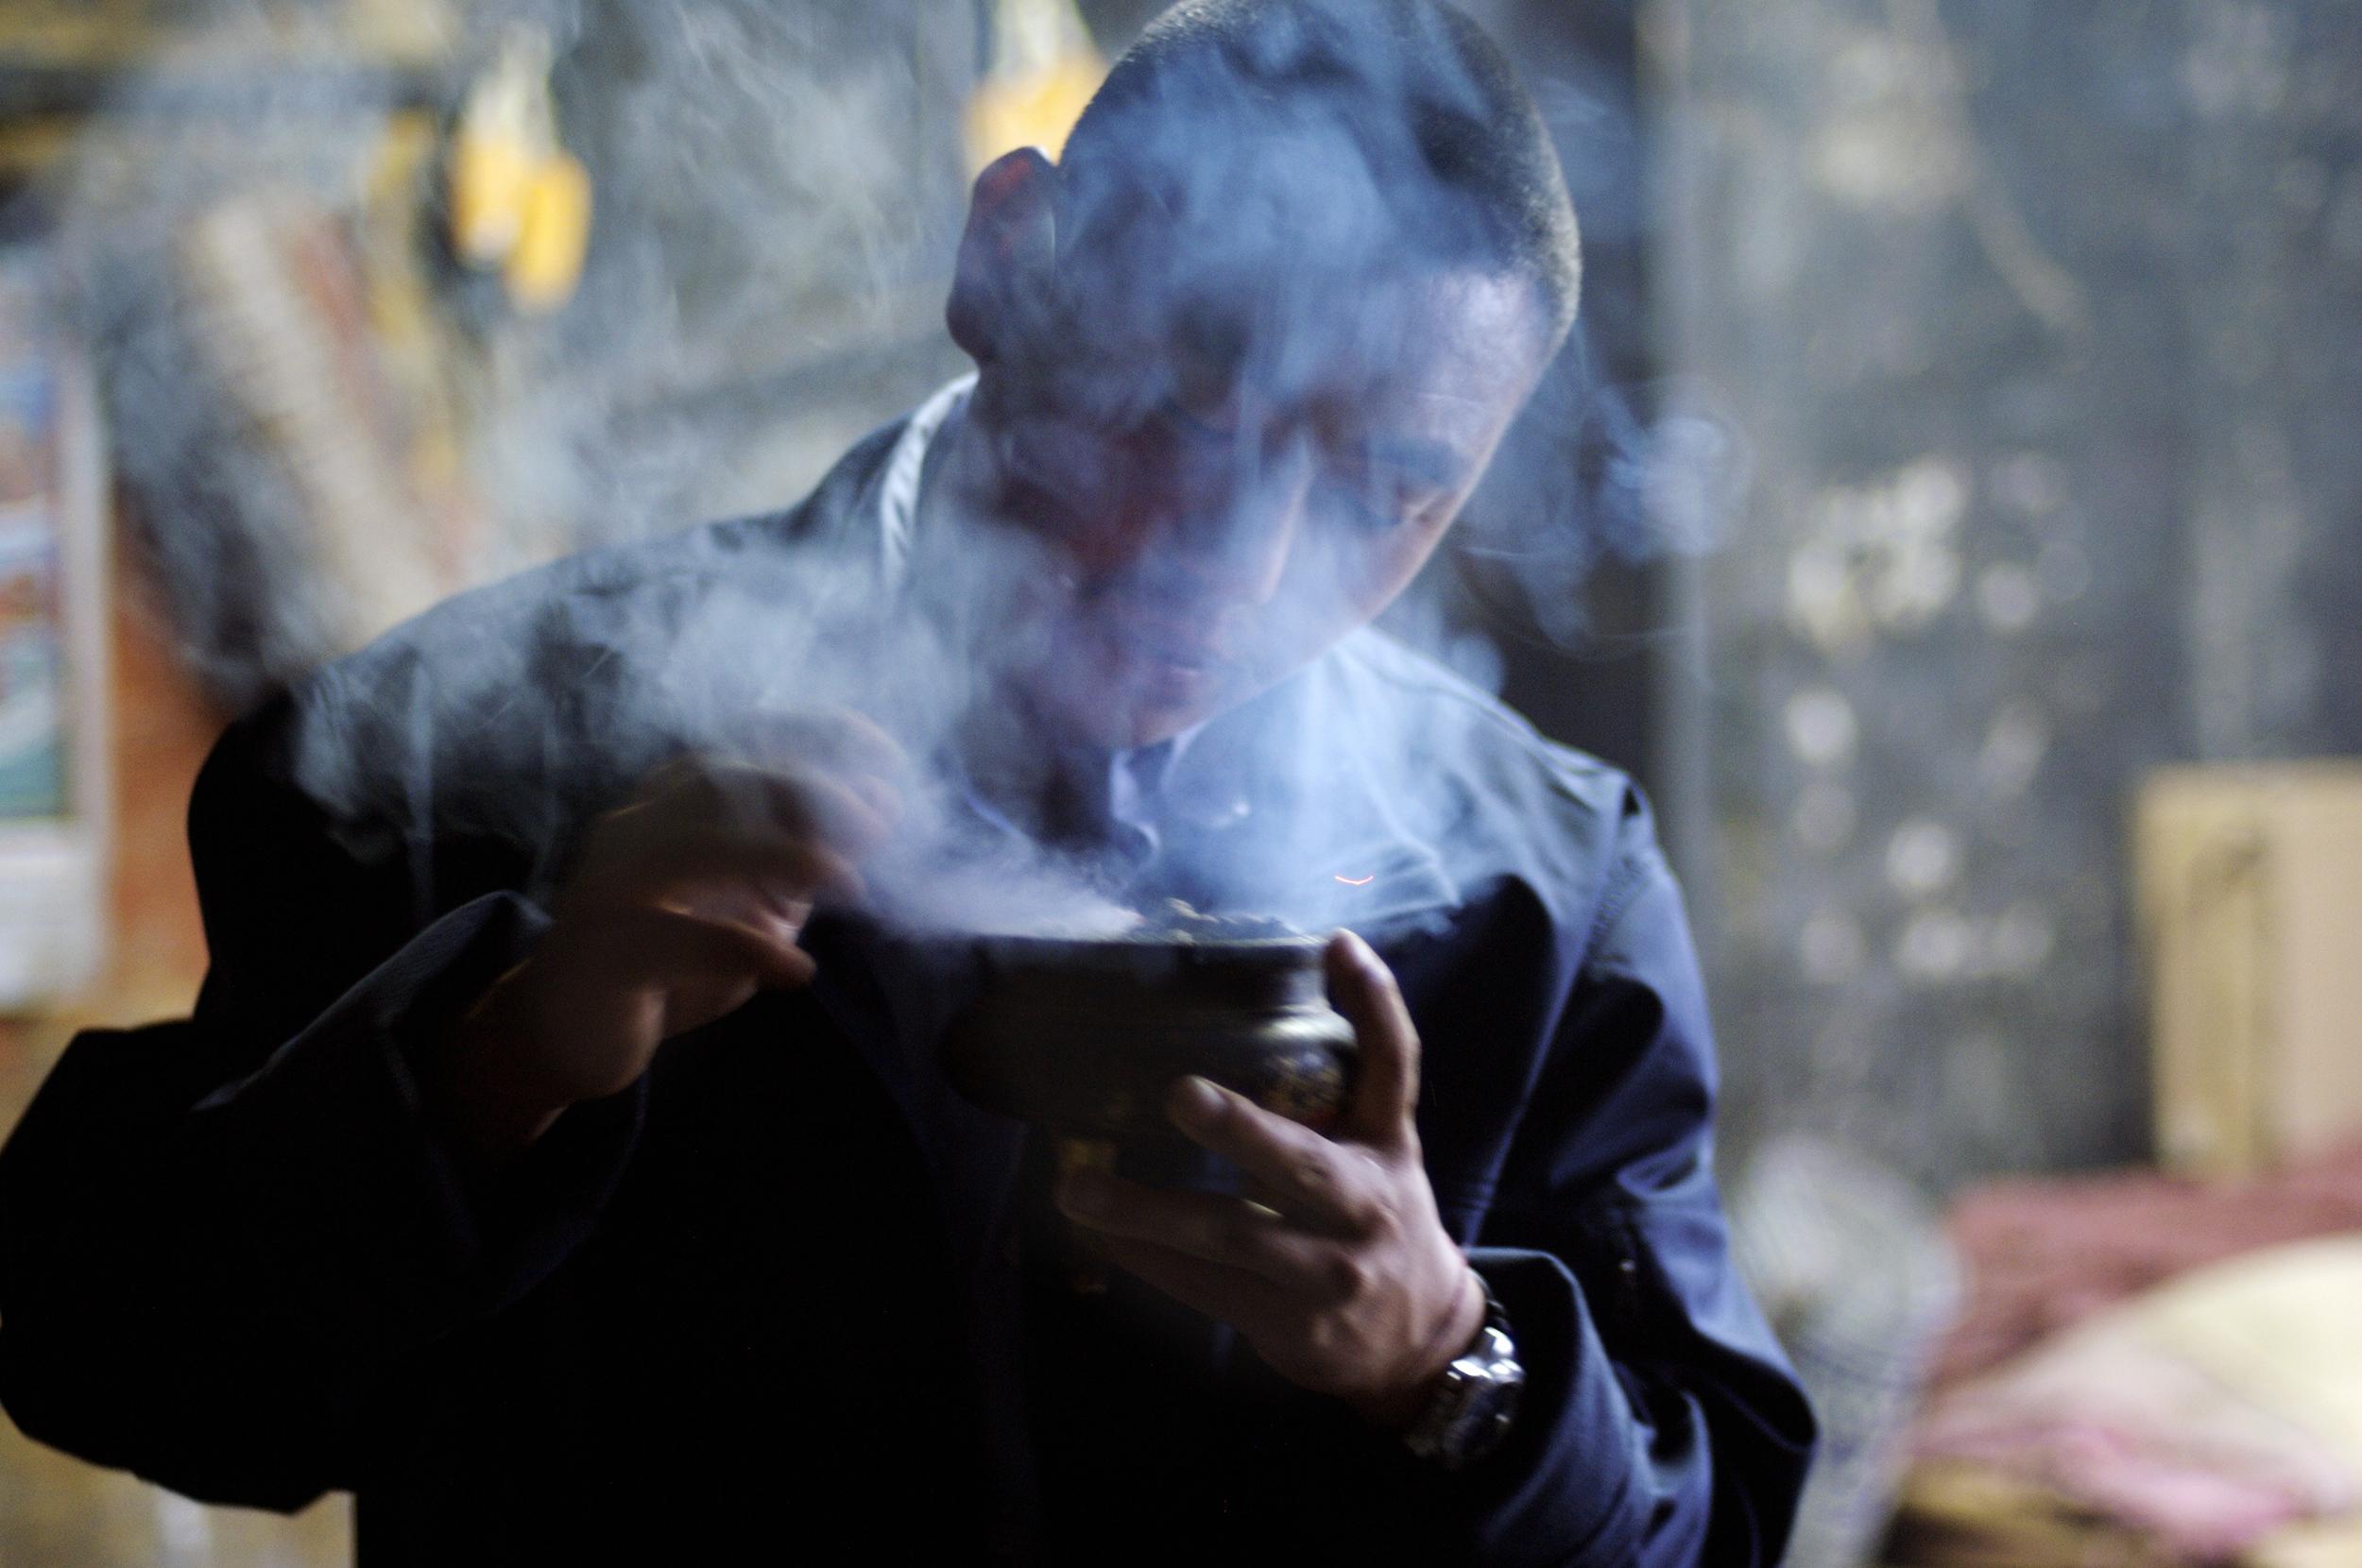 Tshering Penjor    during his Saang, a morning ritual burning incense 09.09.07 Kabji-Thalo, Punakha